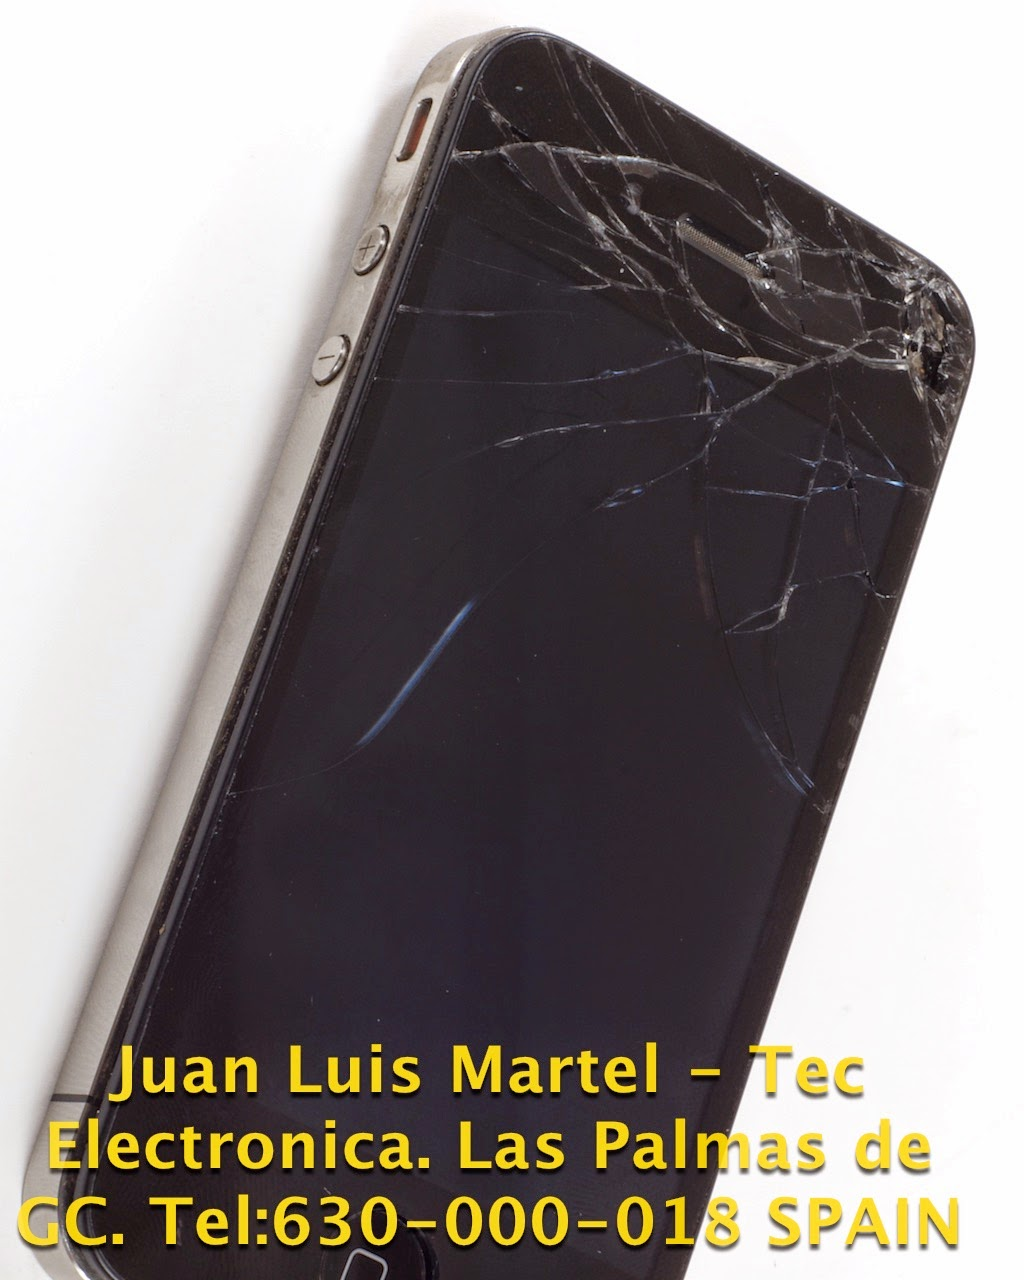 Servicio-tecnico-TELEFONOS-APPLE-IPHONE-4-4S-0019-Juan-Luis-Martel-Tecnico-electronica-Las-Palmas-CANARIAS